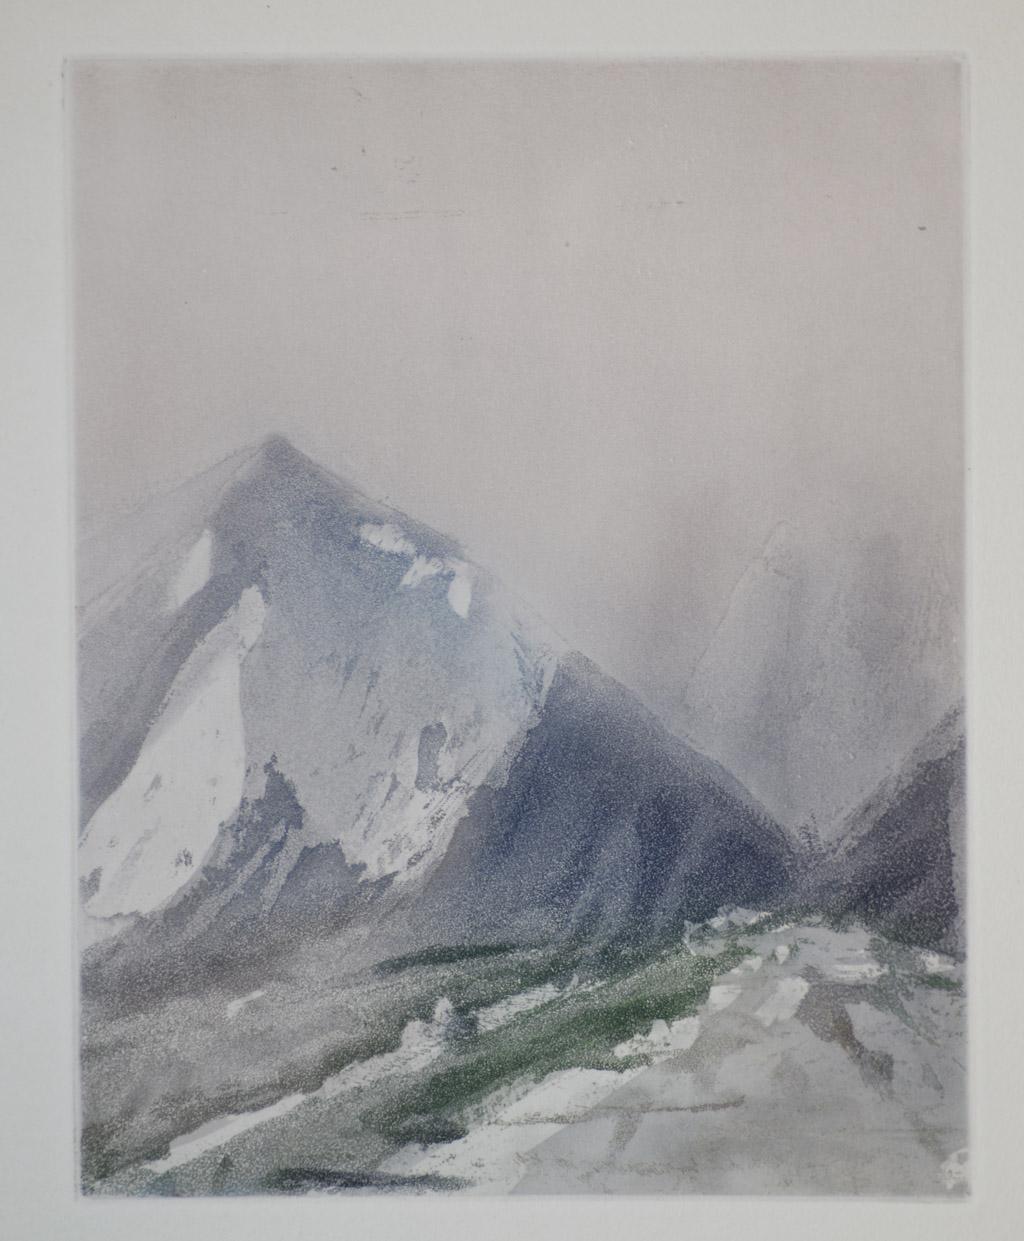 Chappaz, Testament du Haut-Rhône, 1987.